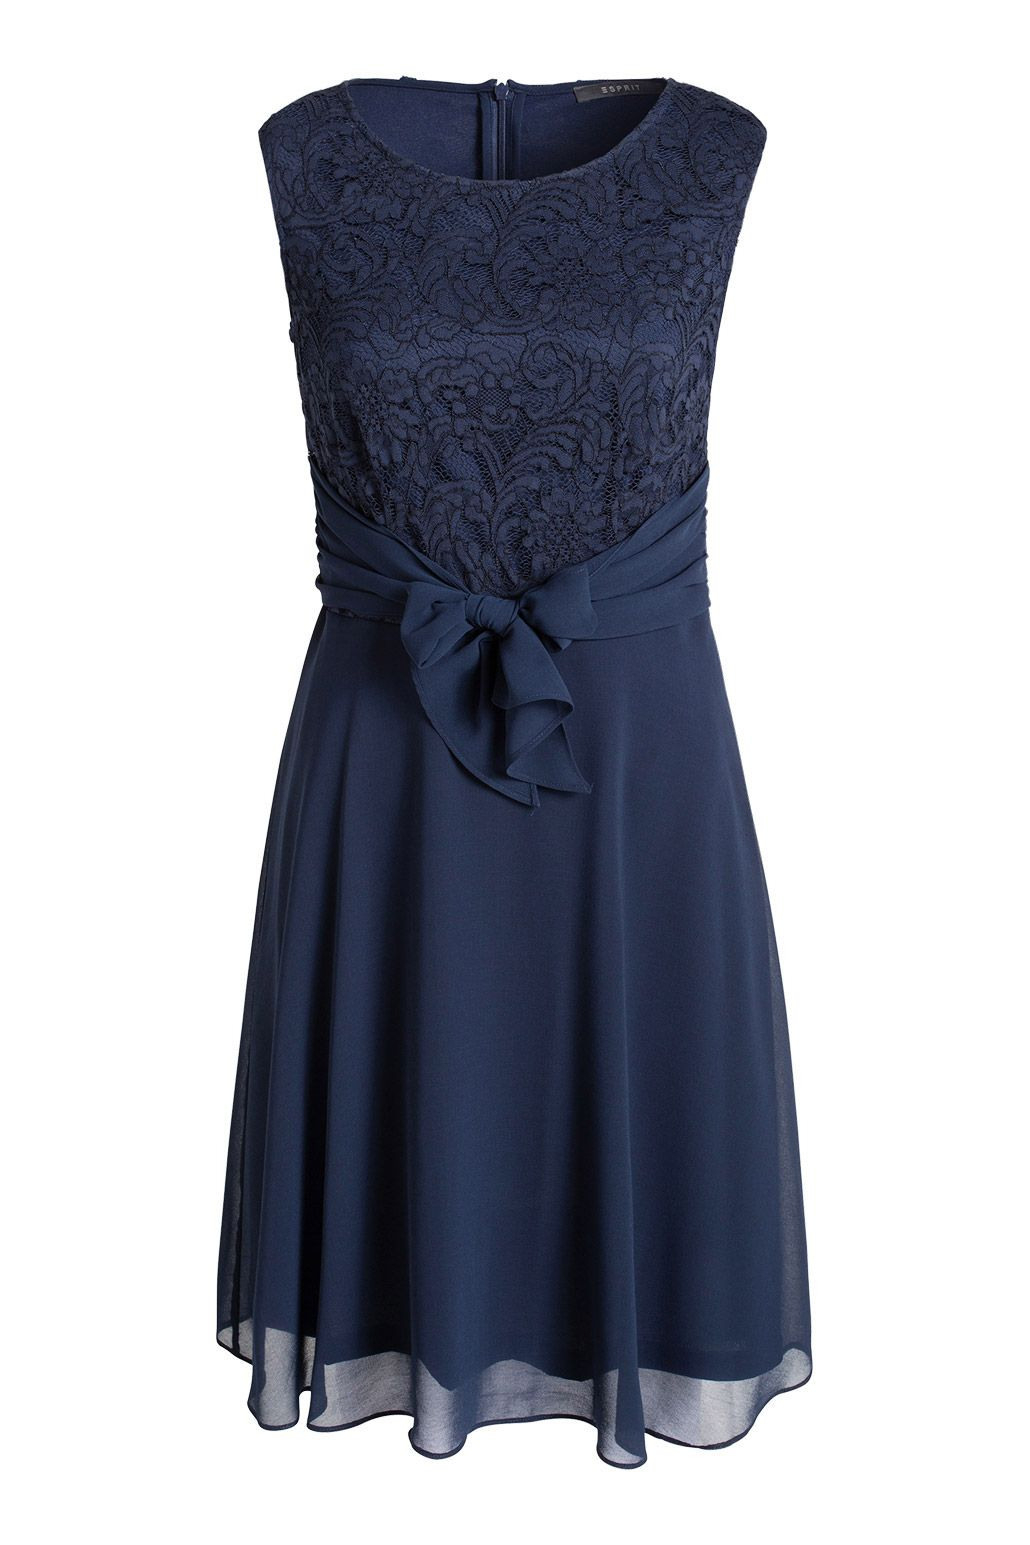 Pin Von Fashion Alert Auf Dress Me Up   Konfirmation Kleider